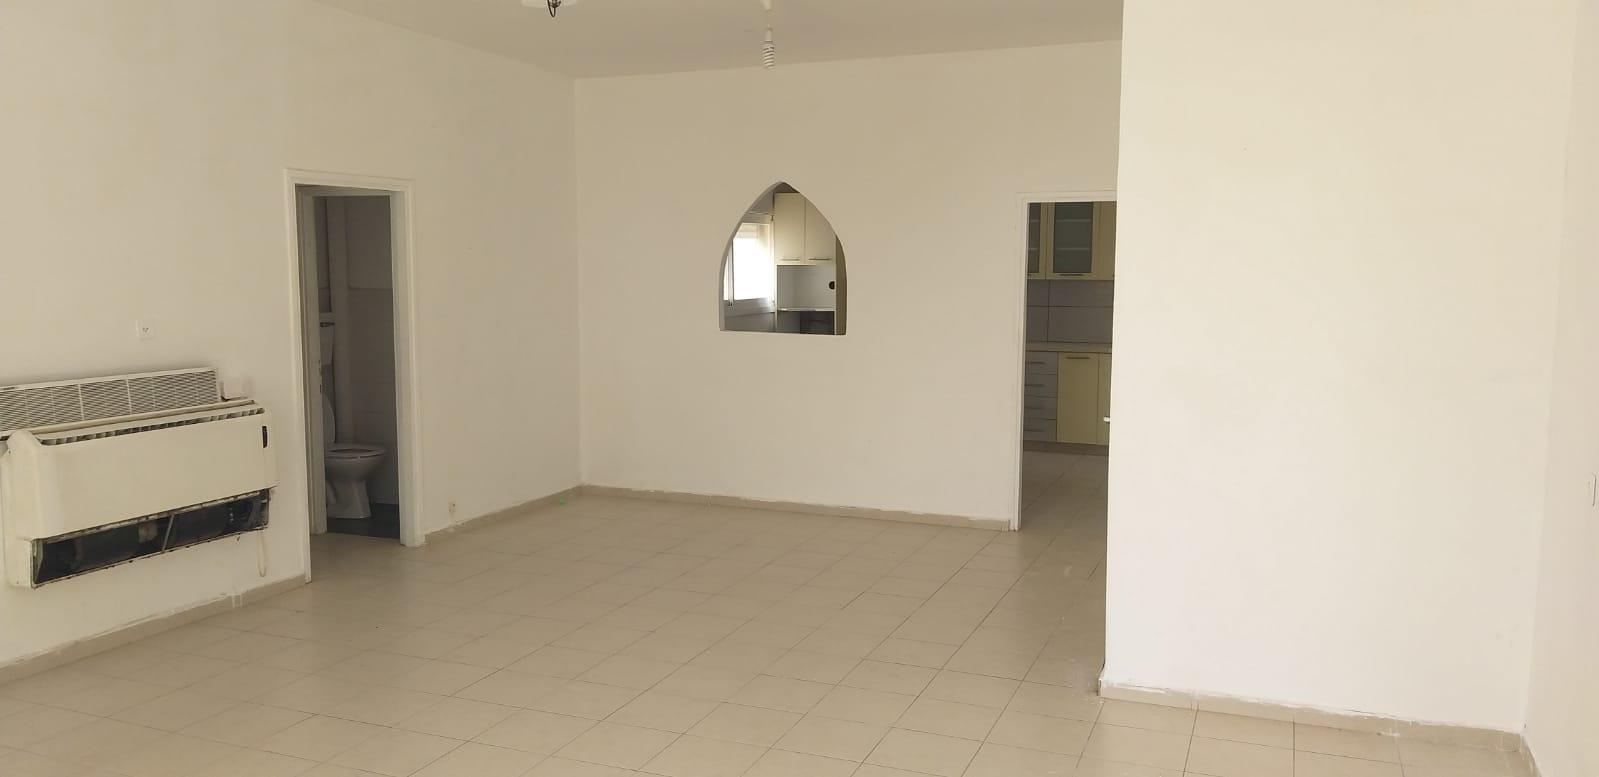 דירת 4 חדרים קרובה למרכז העיר קריית אתא